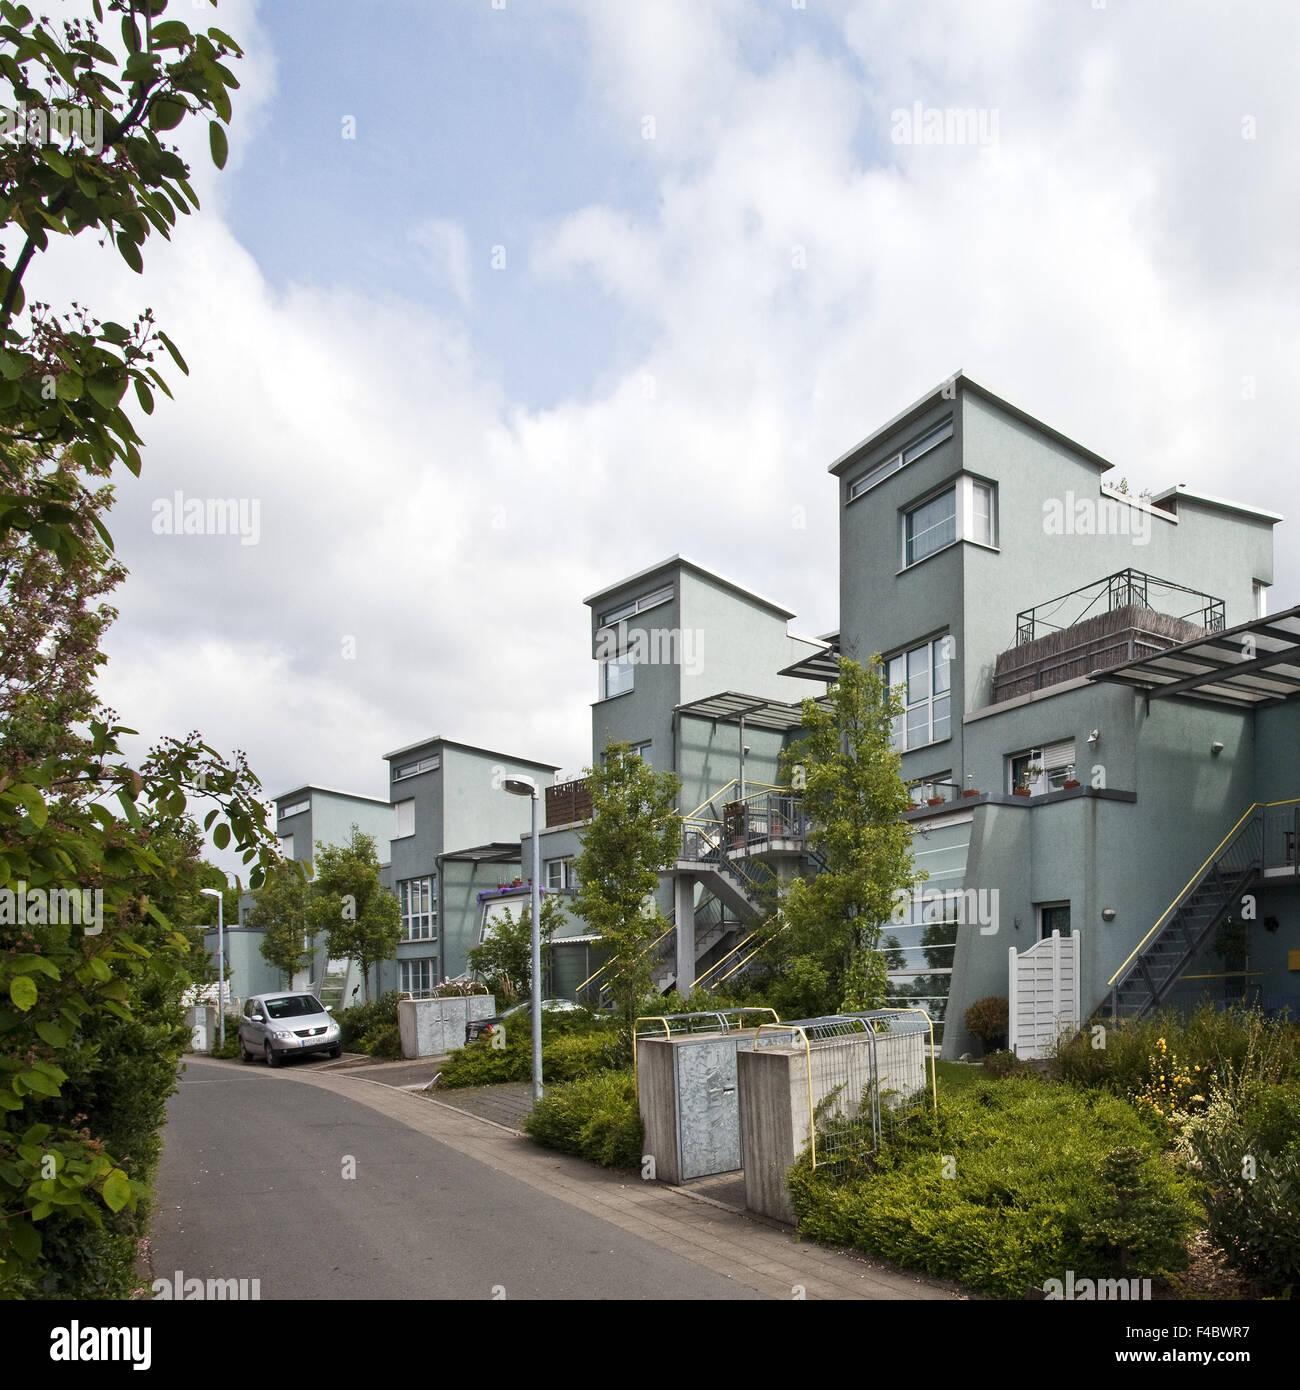 Housing estate Kueppersbusch, Gelsenkirchen - Stock Image